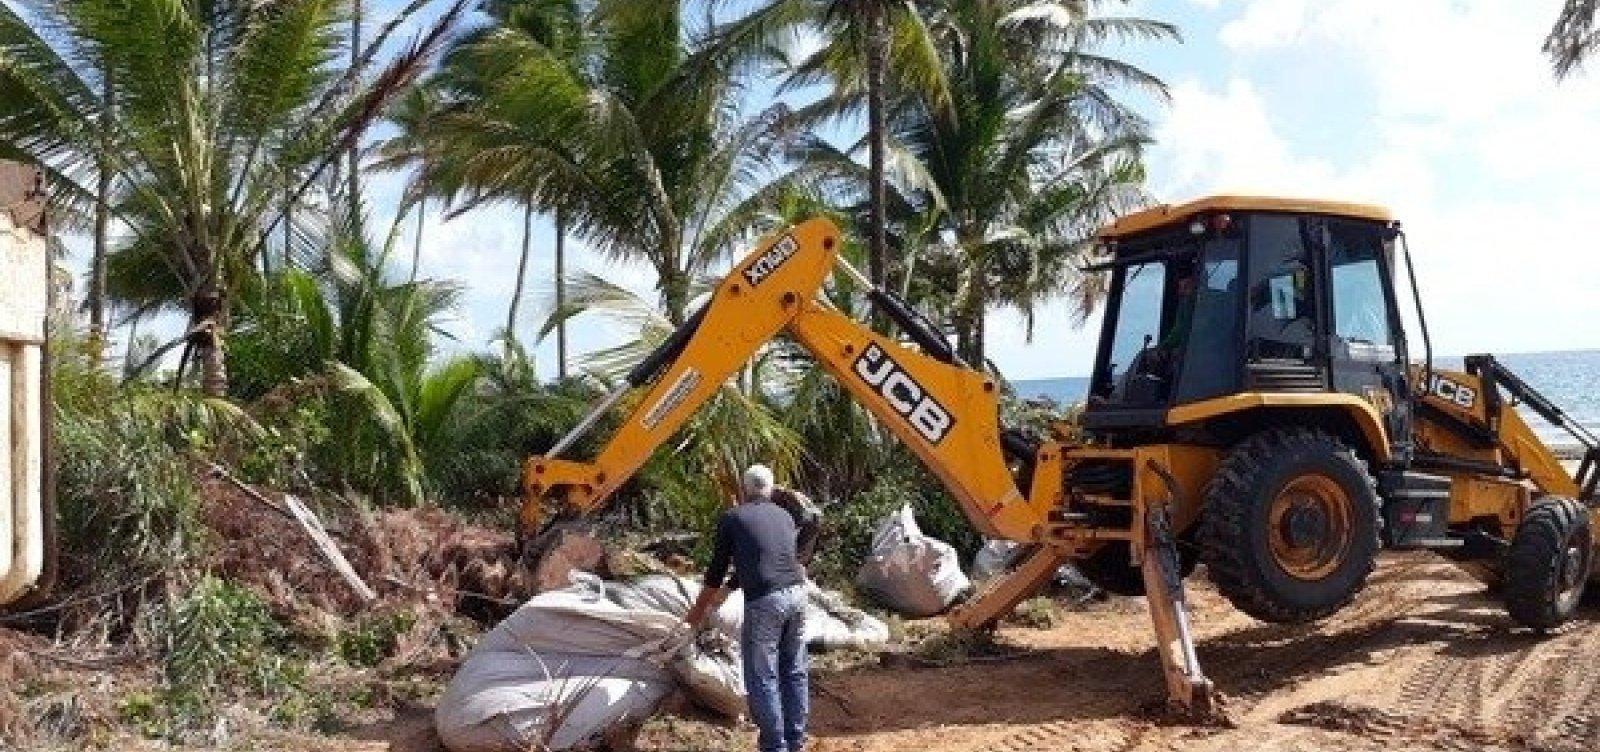 [Óleo recolhido das praias de Maraú é descartado irregularmente em lixão do município]